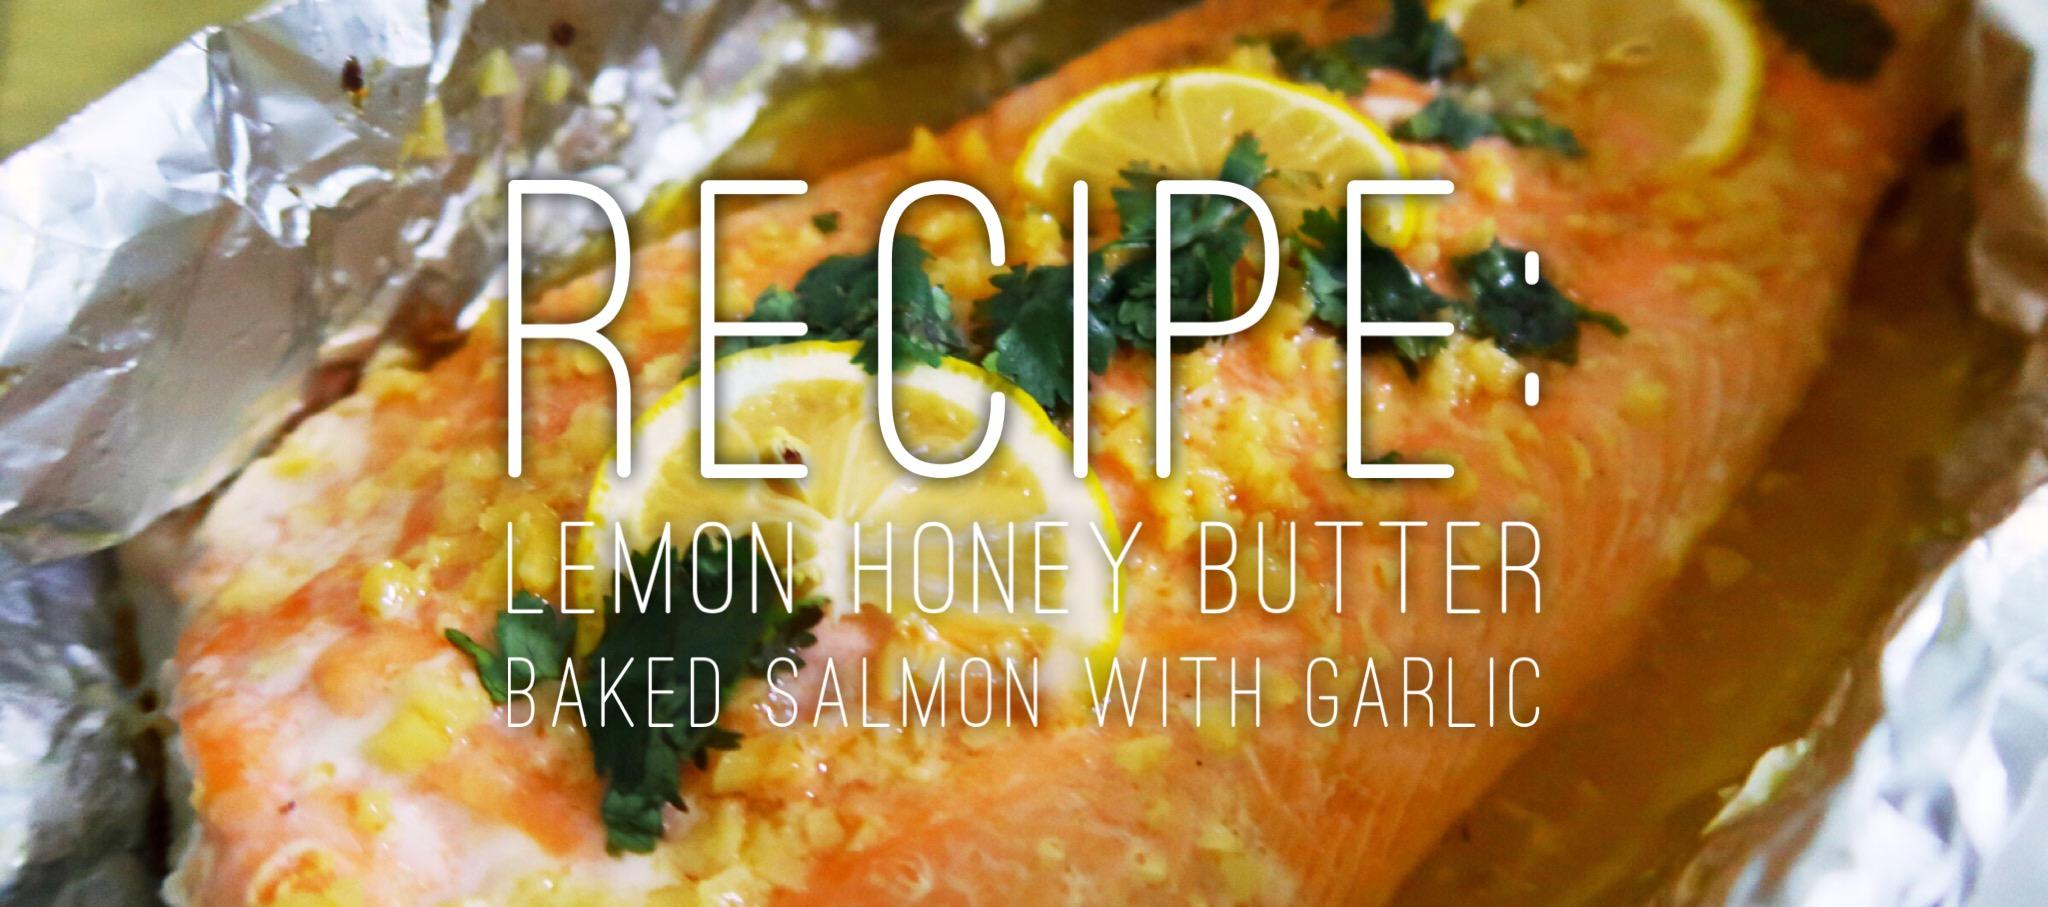 Lemon Honey Butter Baked Salmon with Garlic